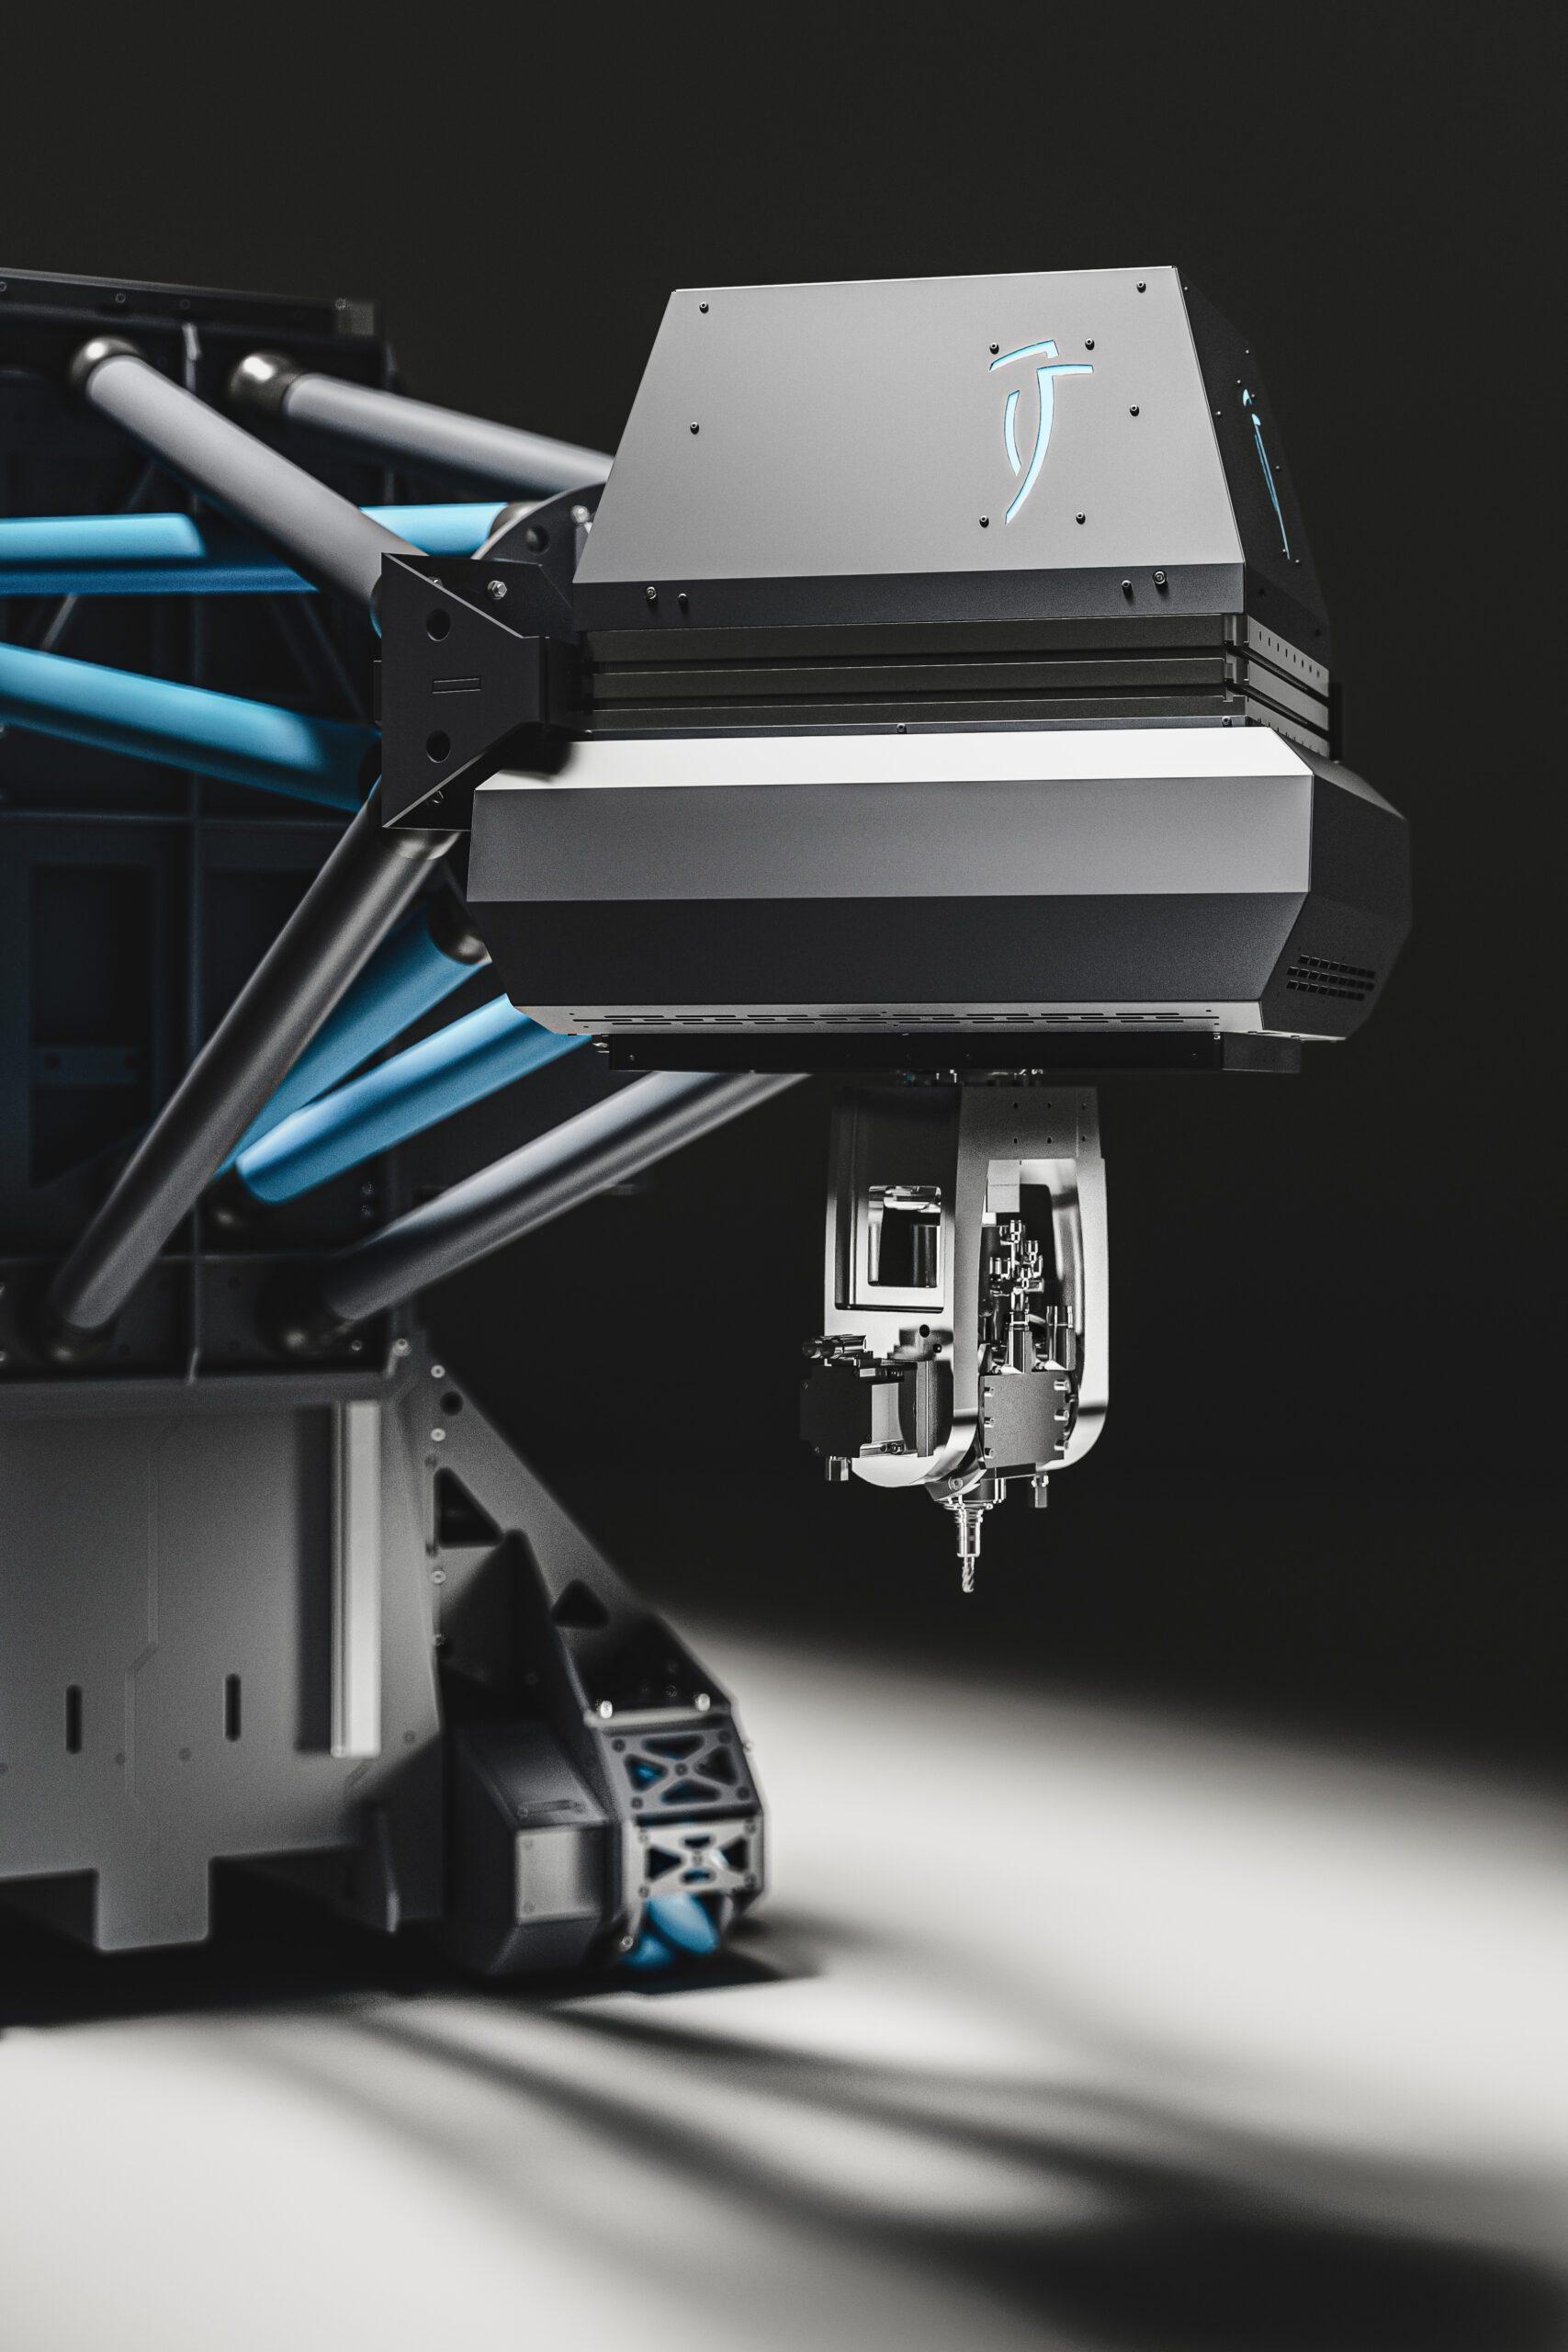 Nahaufnahme des Picum Maschinensystems, Fokus auf dem Kopf der Maschine